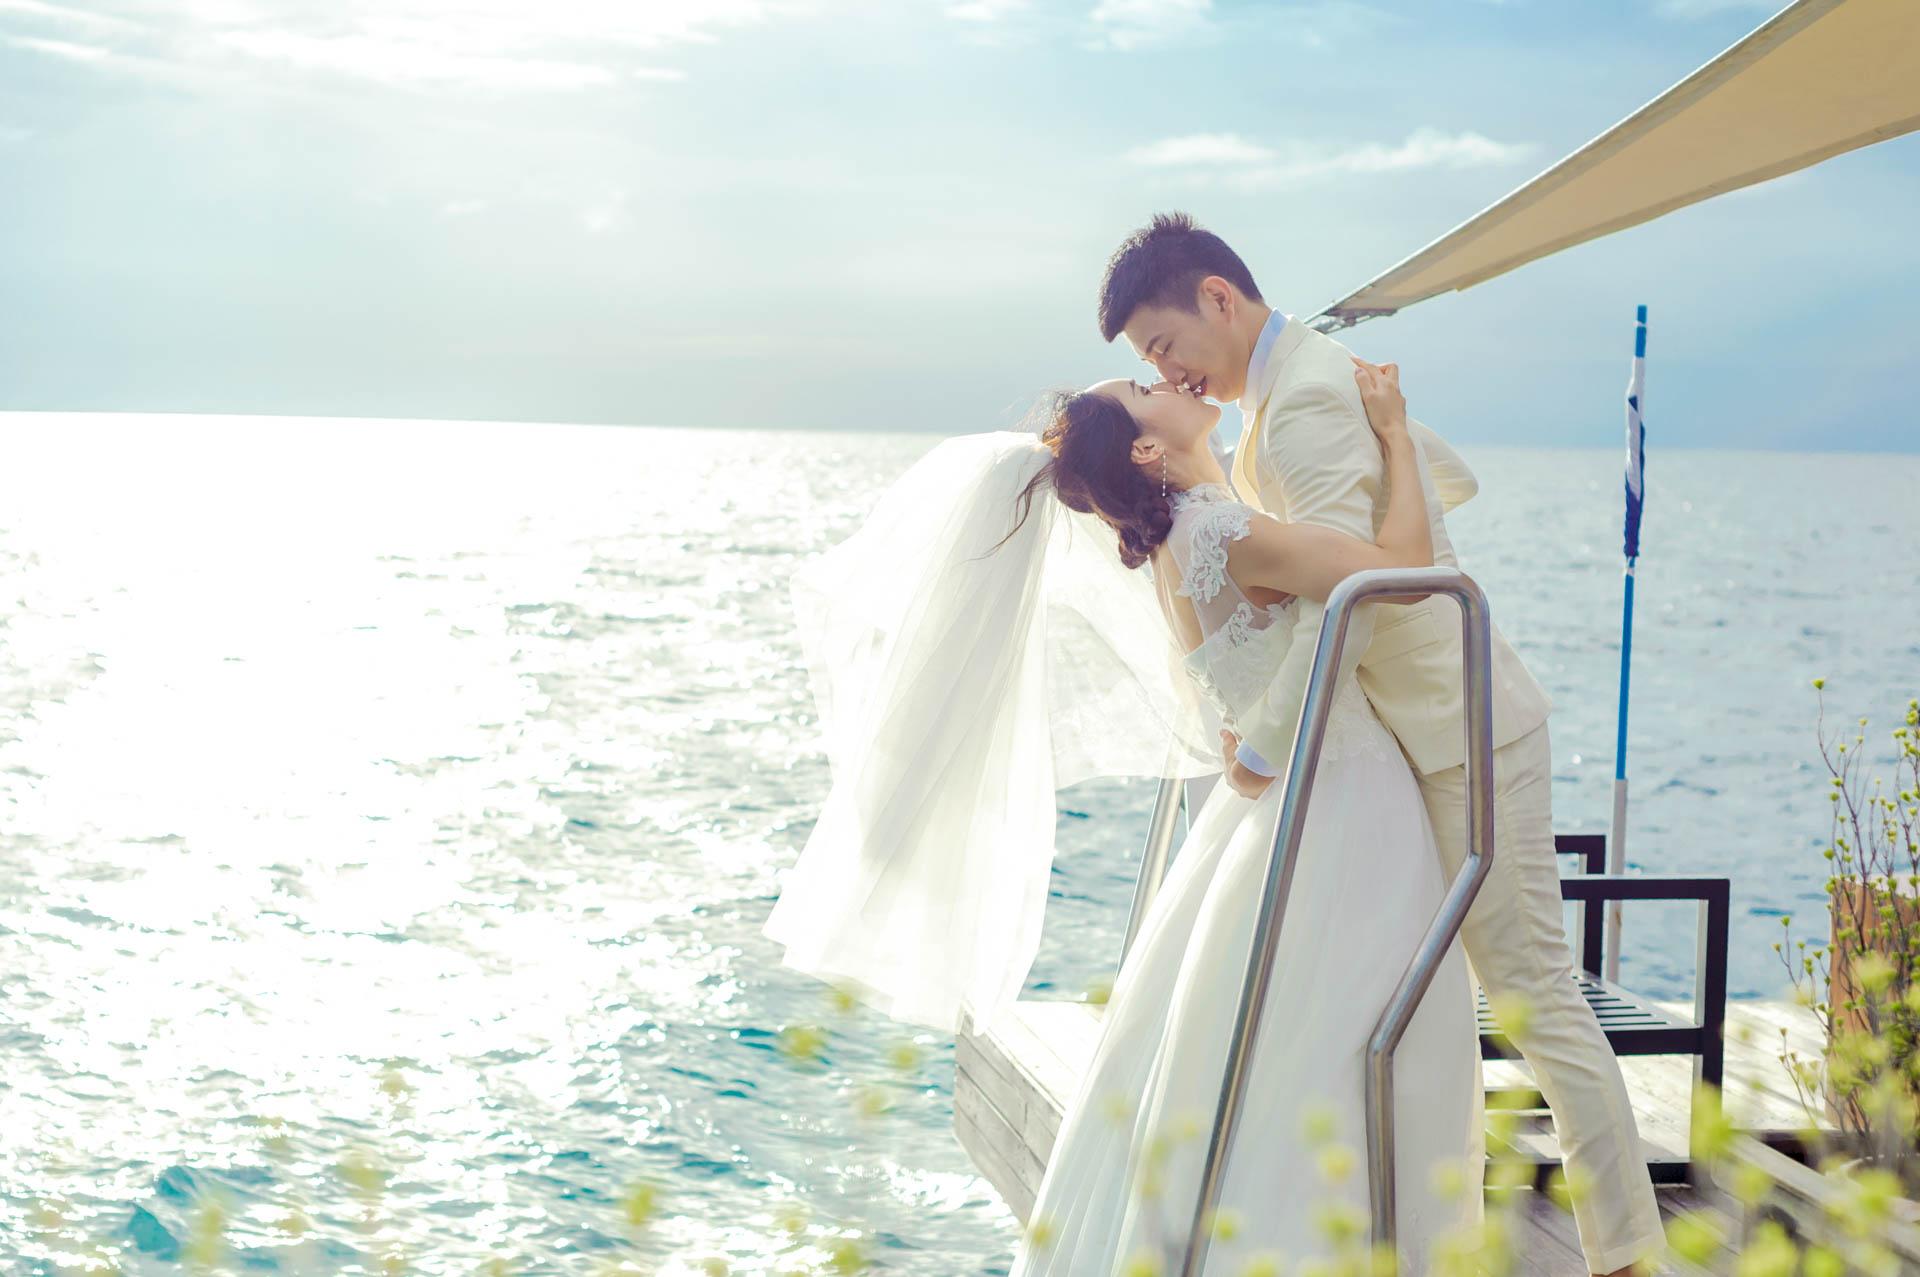 Guanyao Chen Pre Wedding 20